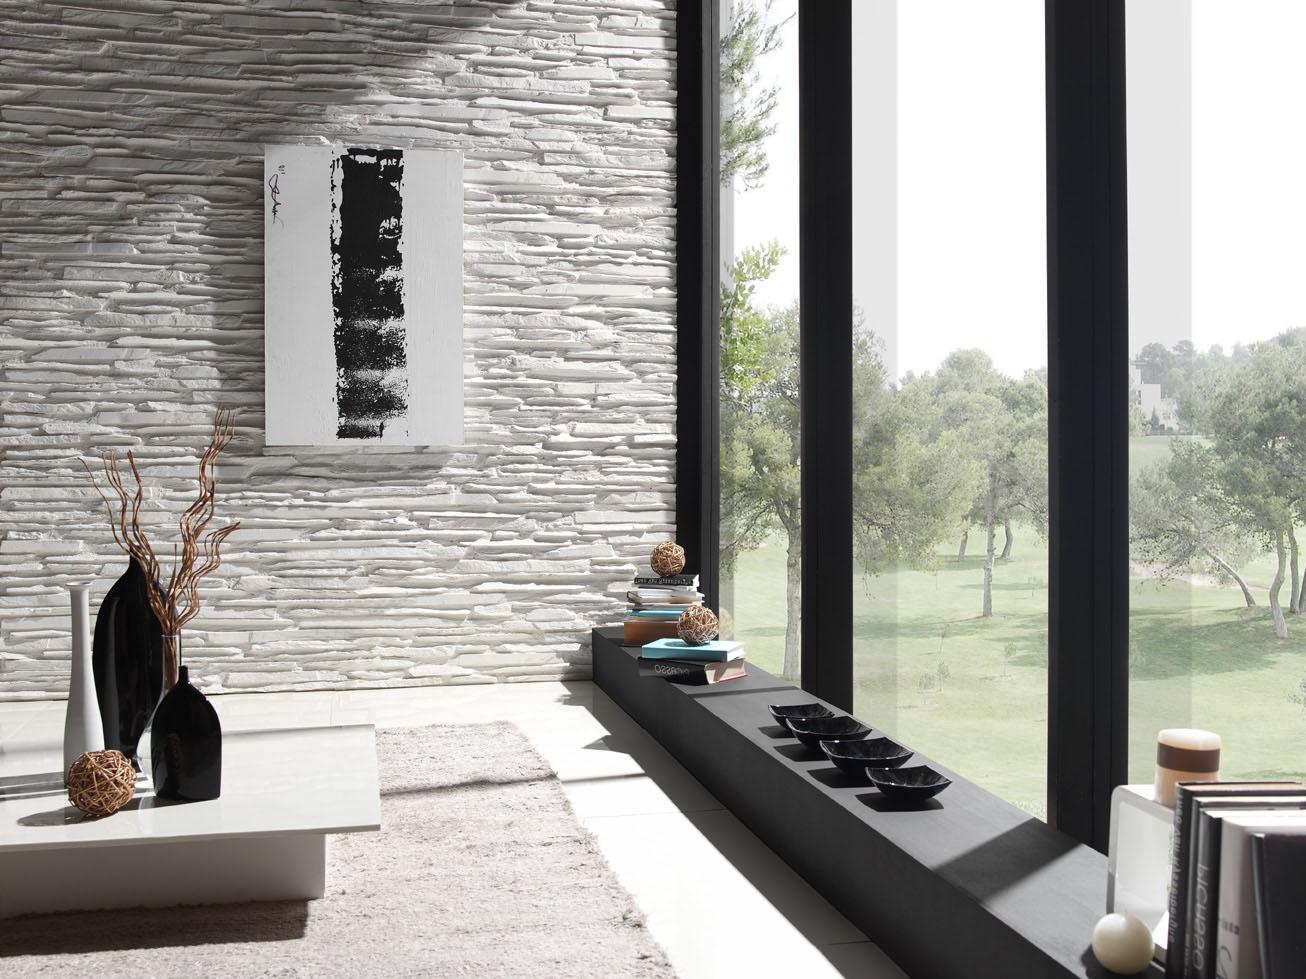 Panel Piedra Laja Fina Revestimiento Para Paredes - Decoracion-con-piedras-en-interiores